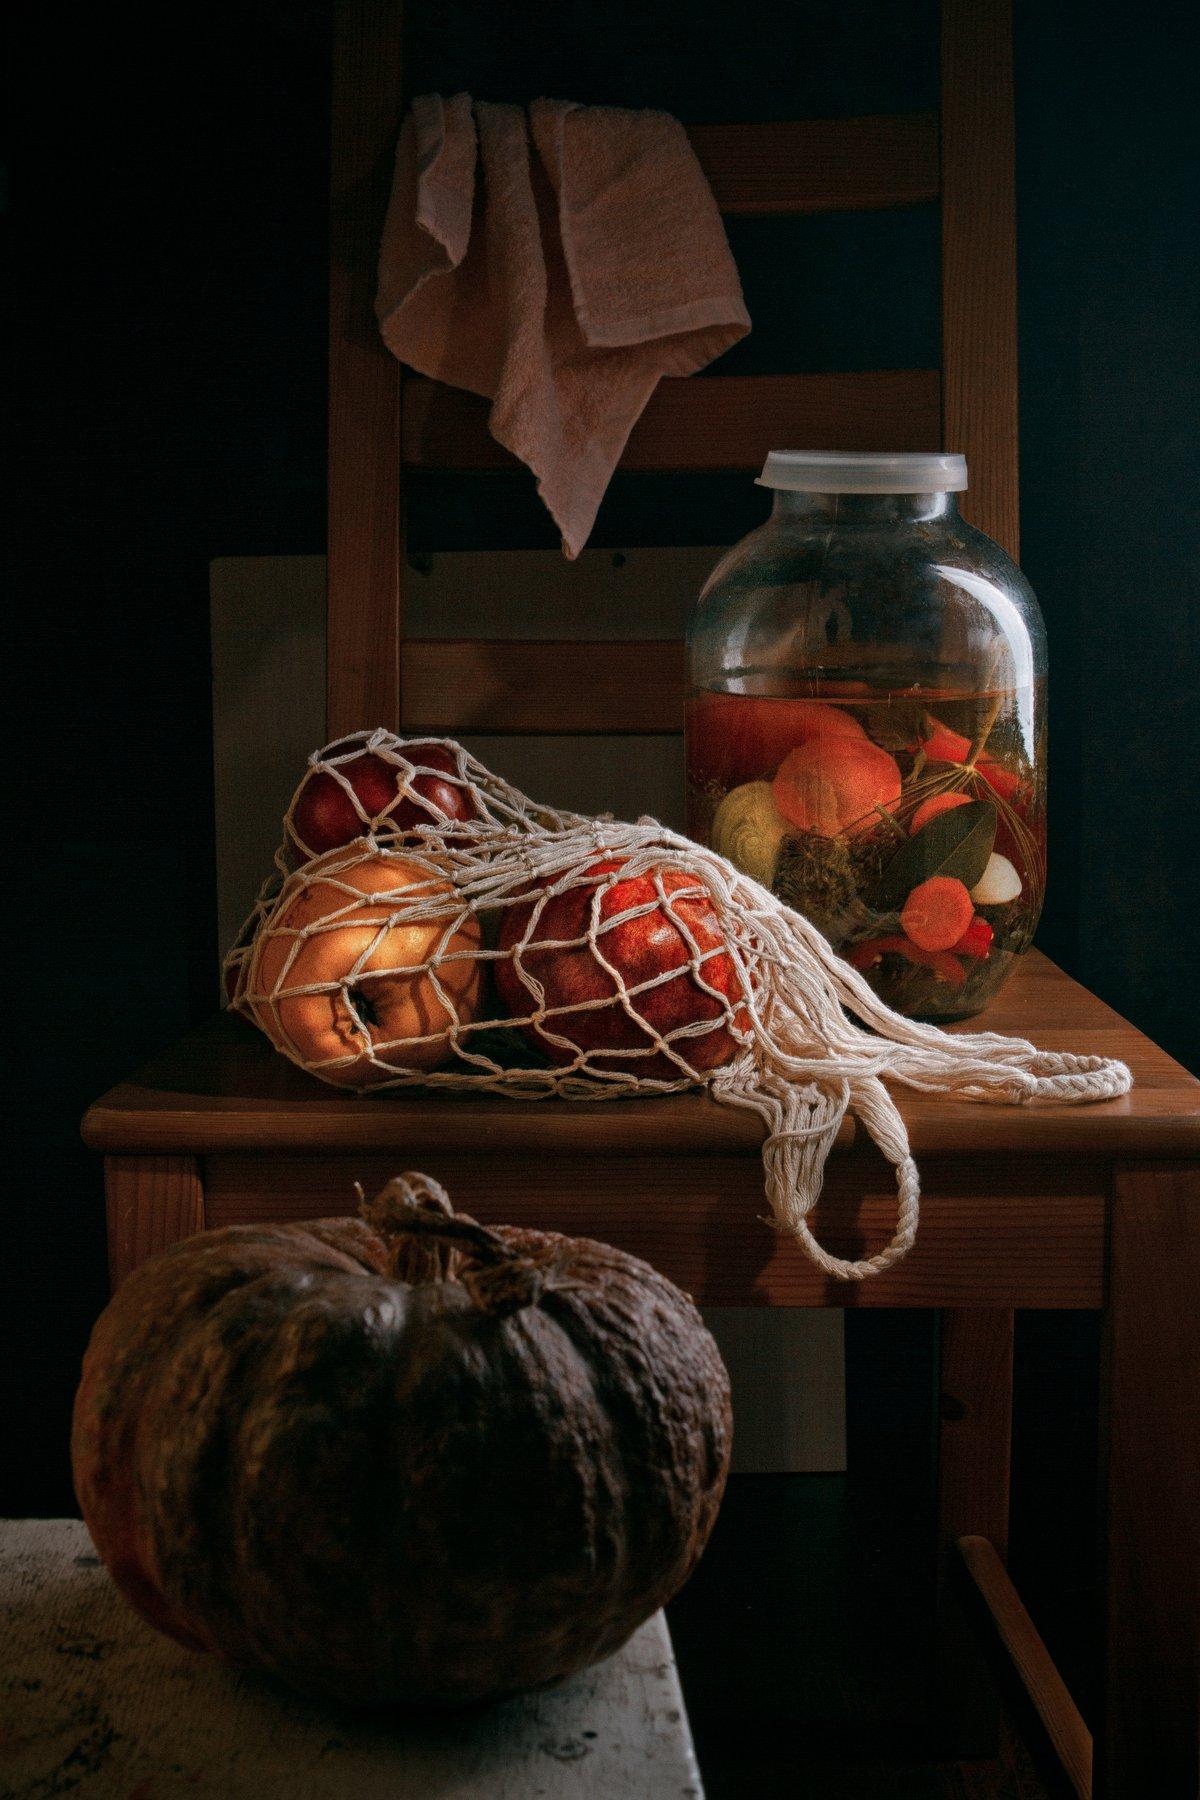 фрукты, овощи, авоська, тыква, айва, гранат, стул, натюрморт, Наталья Голубева